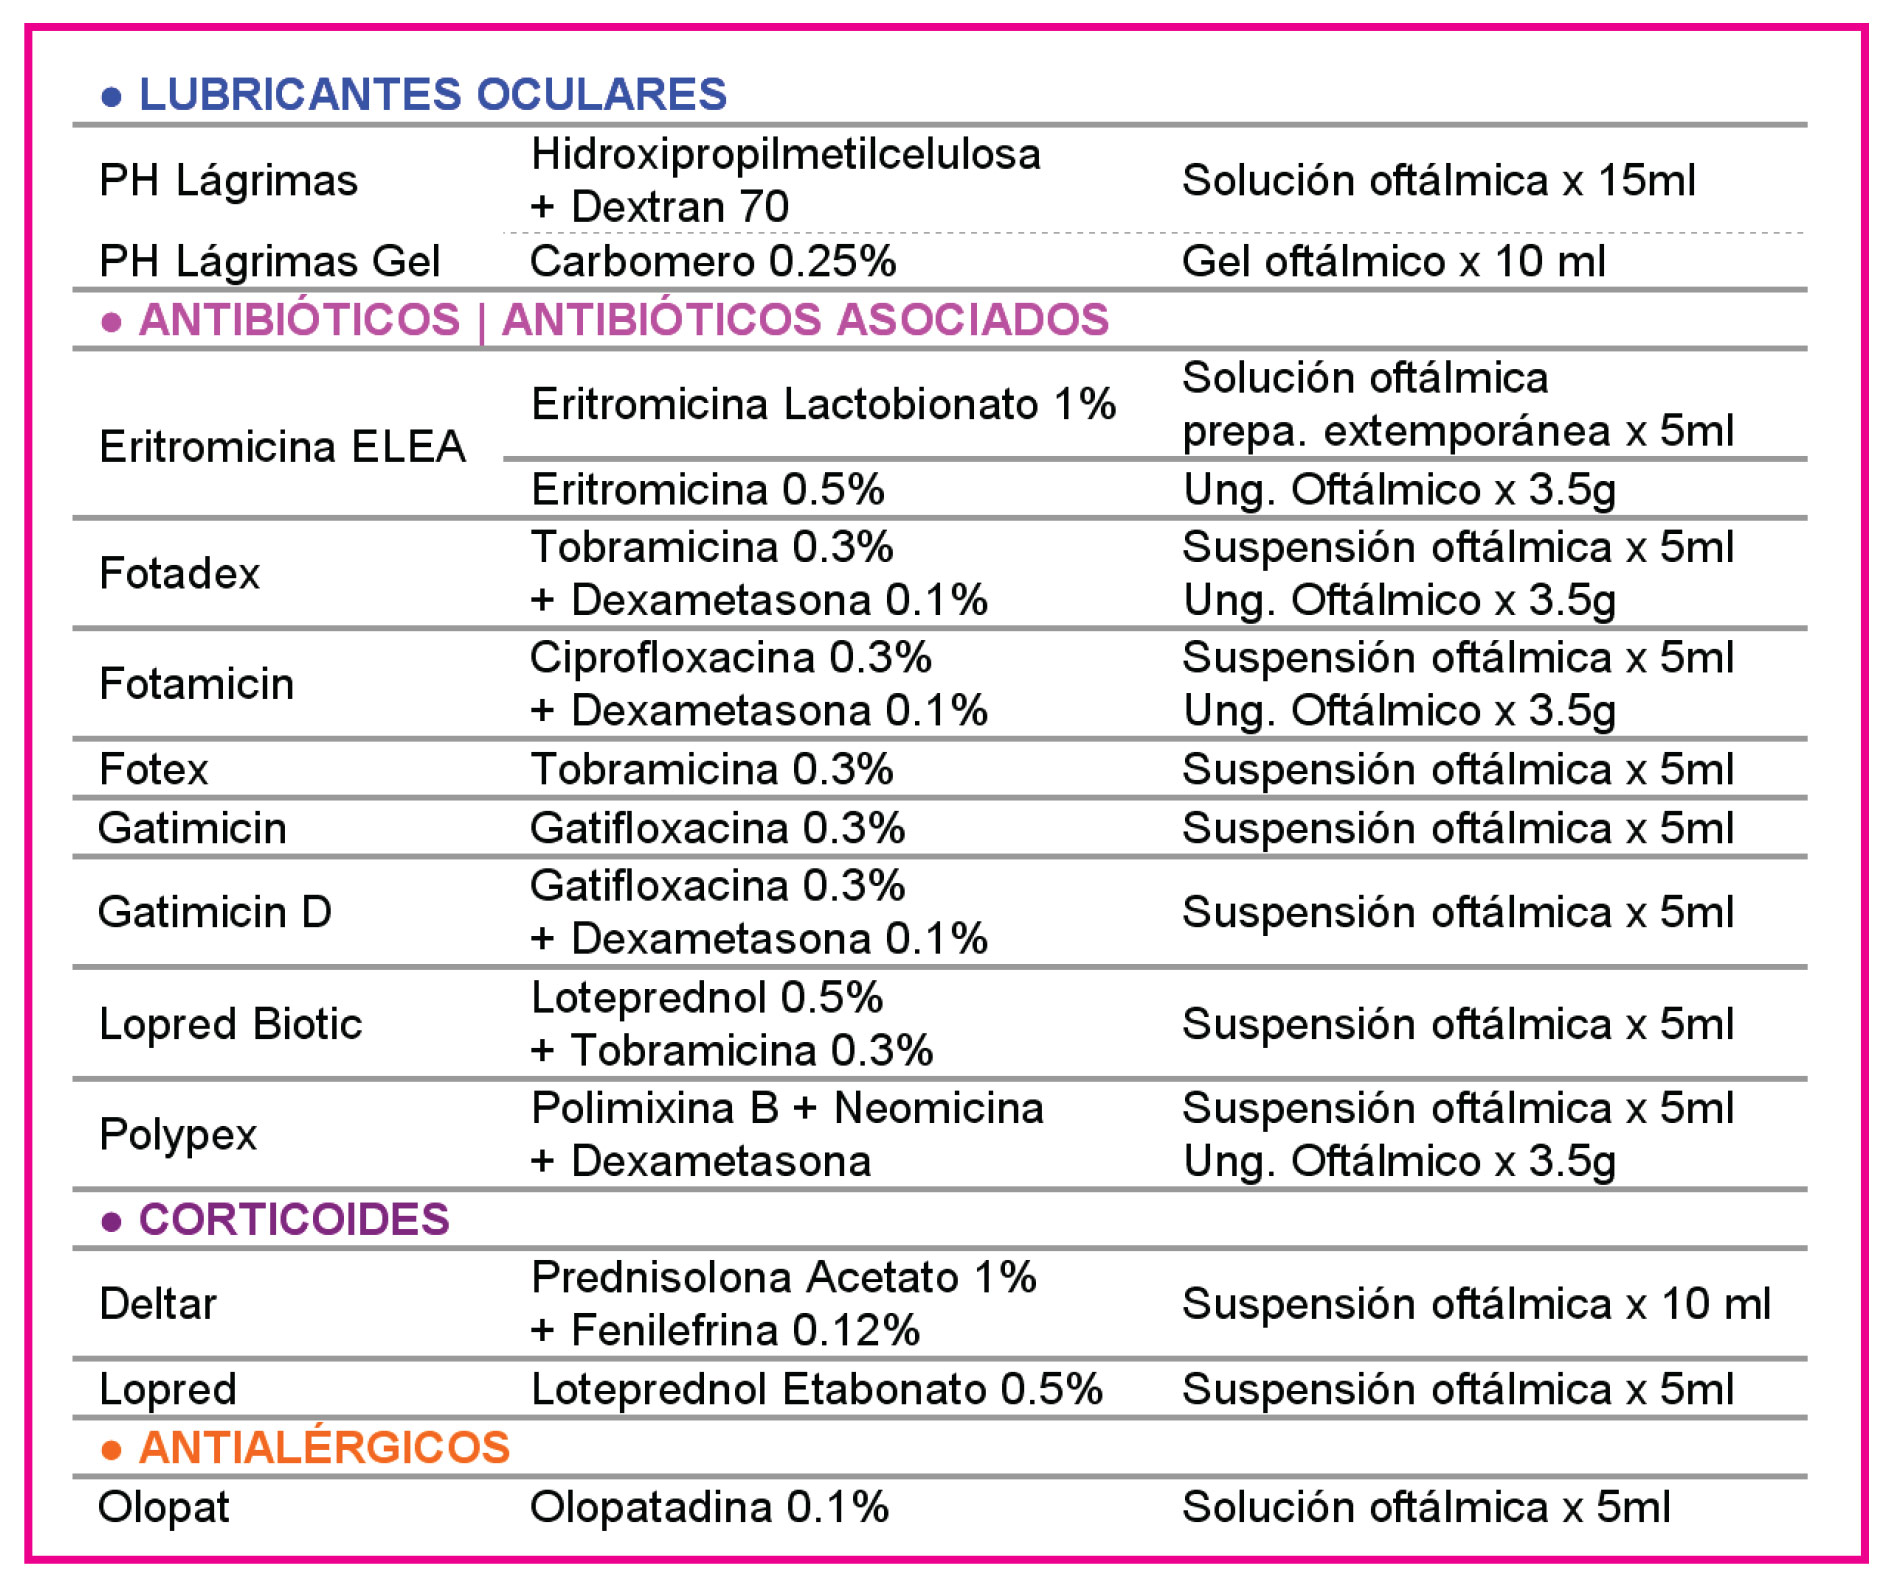 conjuntivitisaguda2